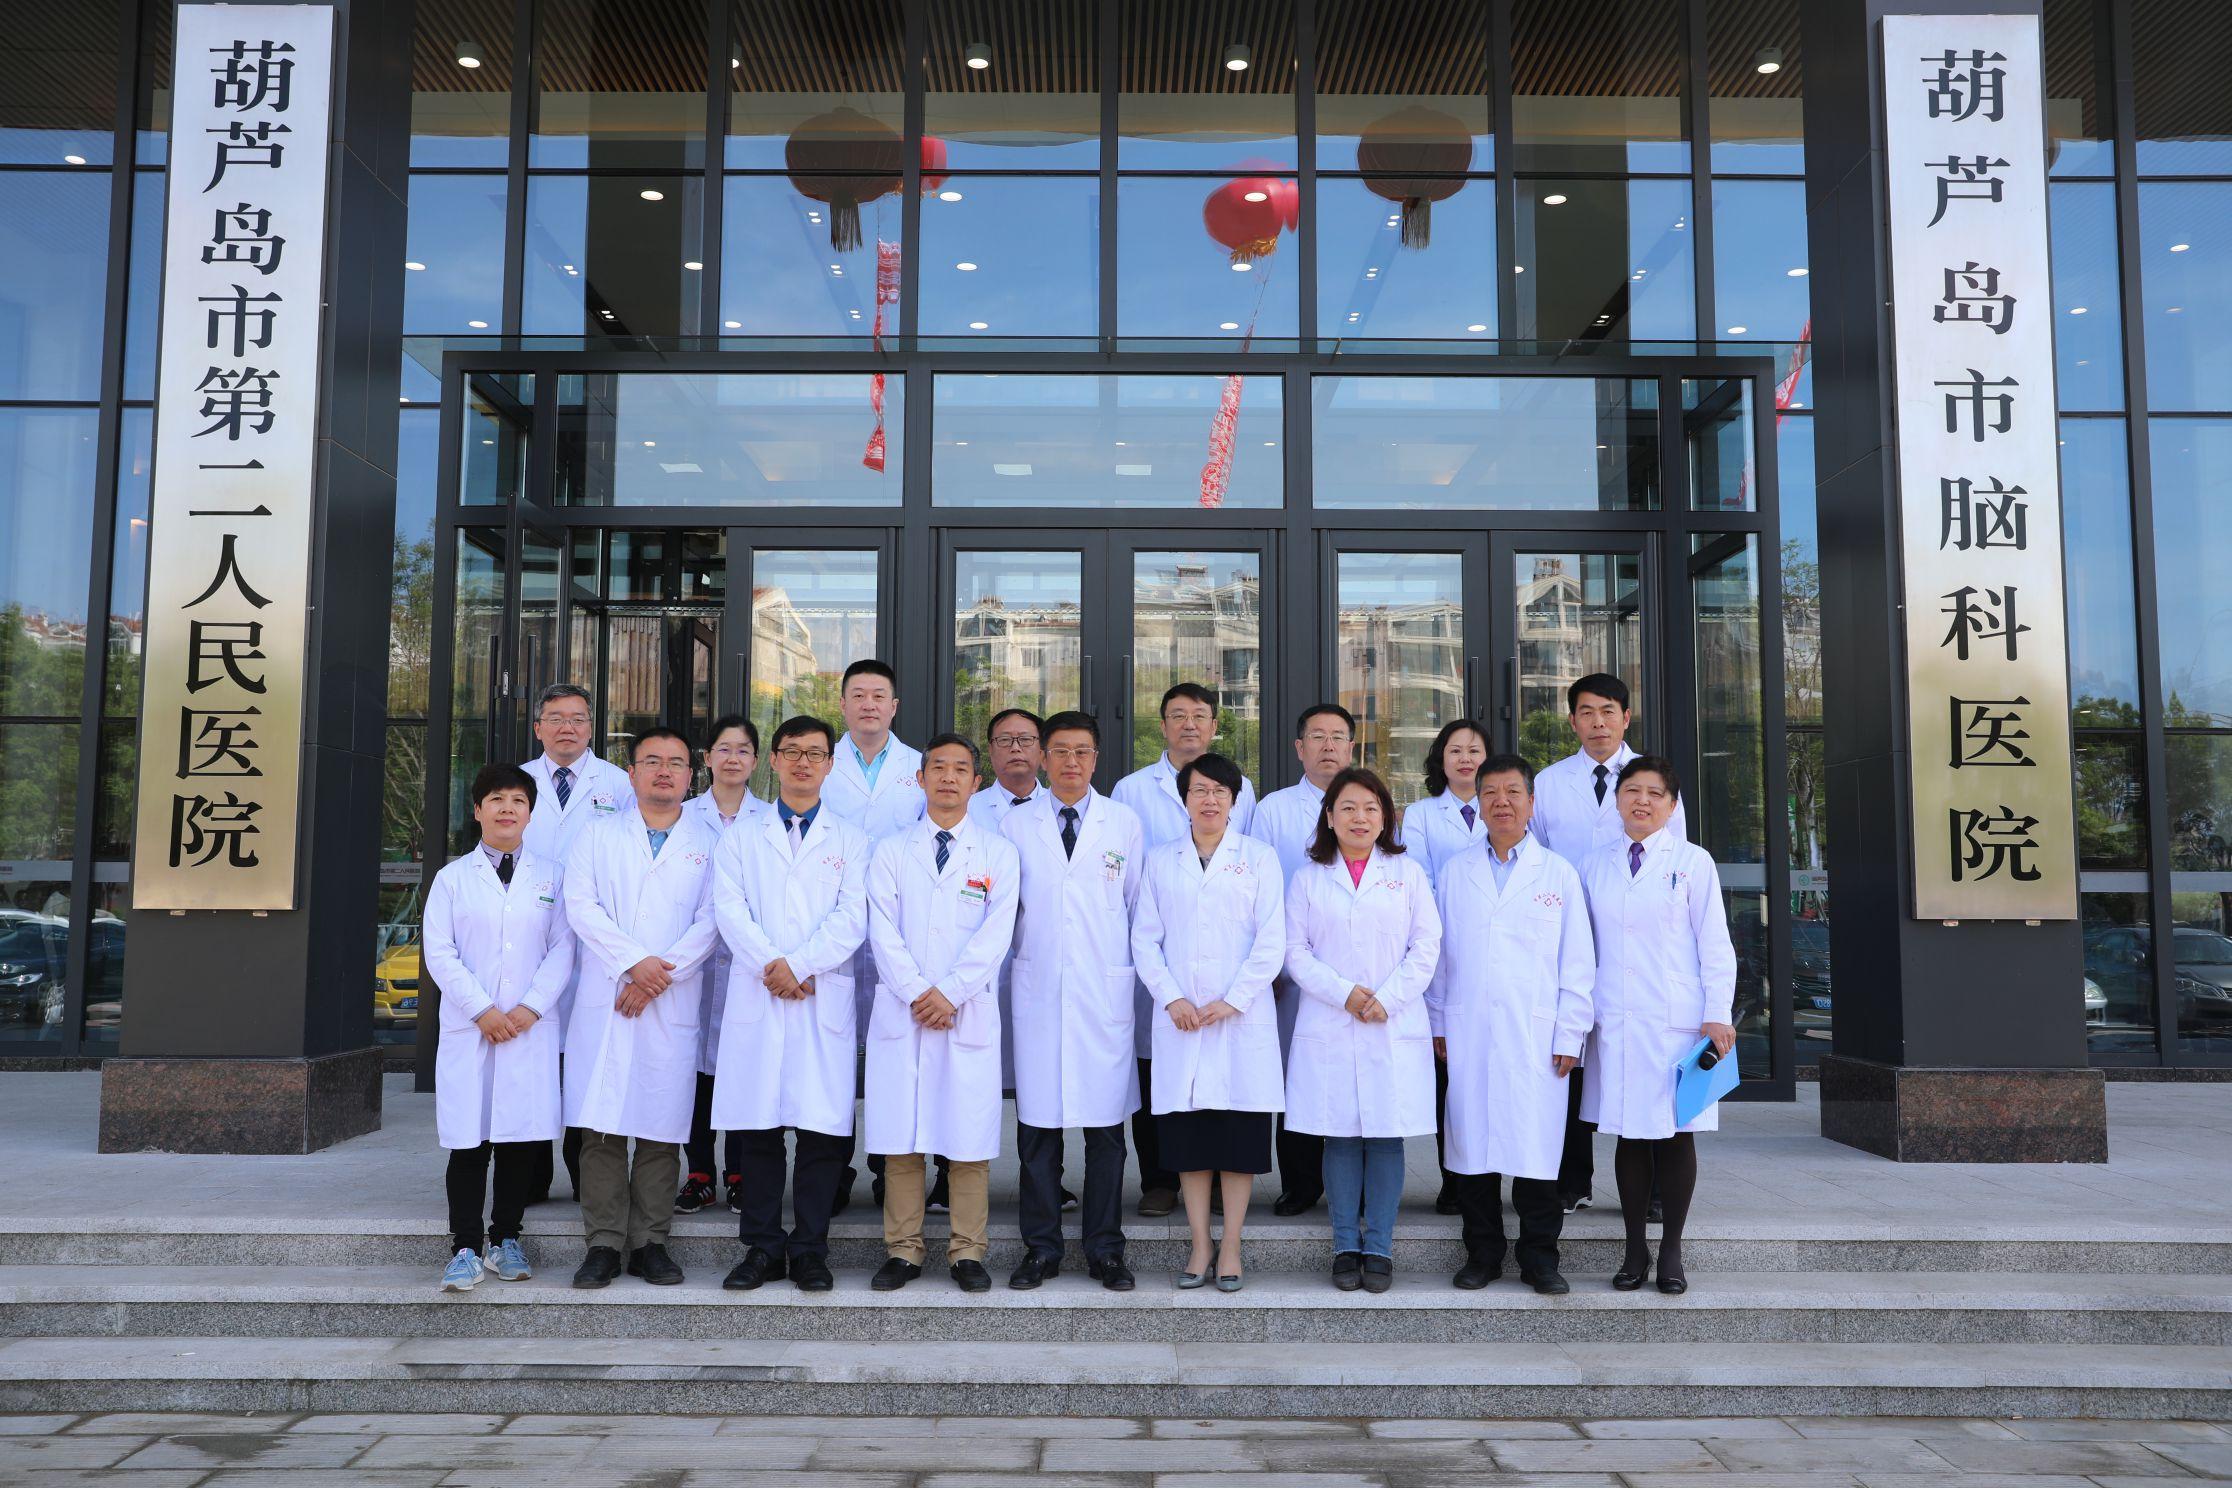 葫芦岛市第二人民医院全面升级,盛大开诊